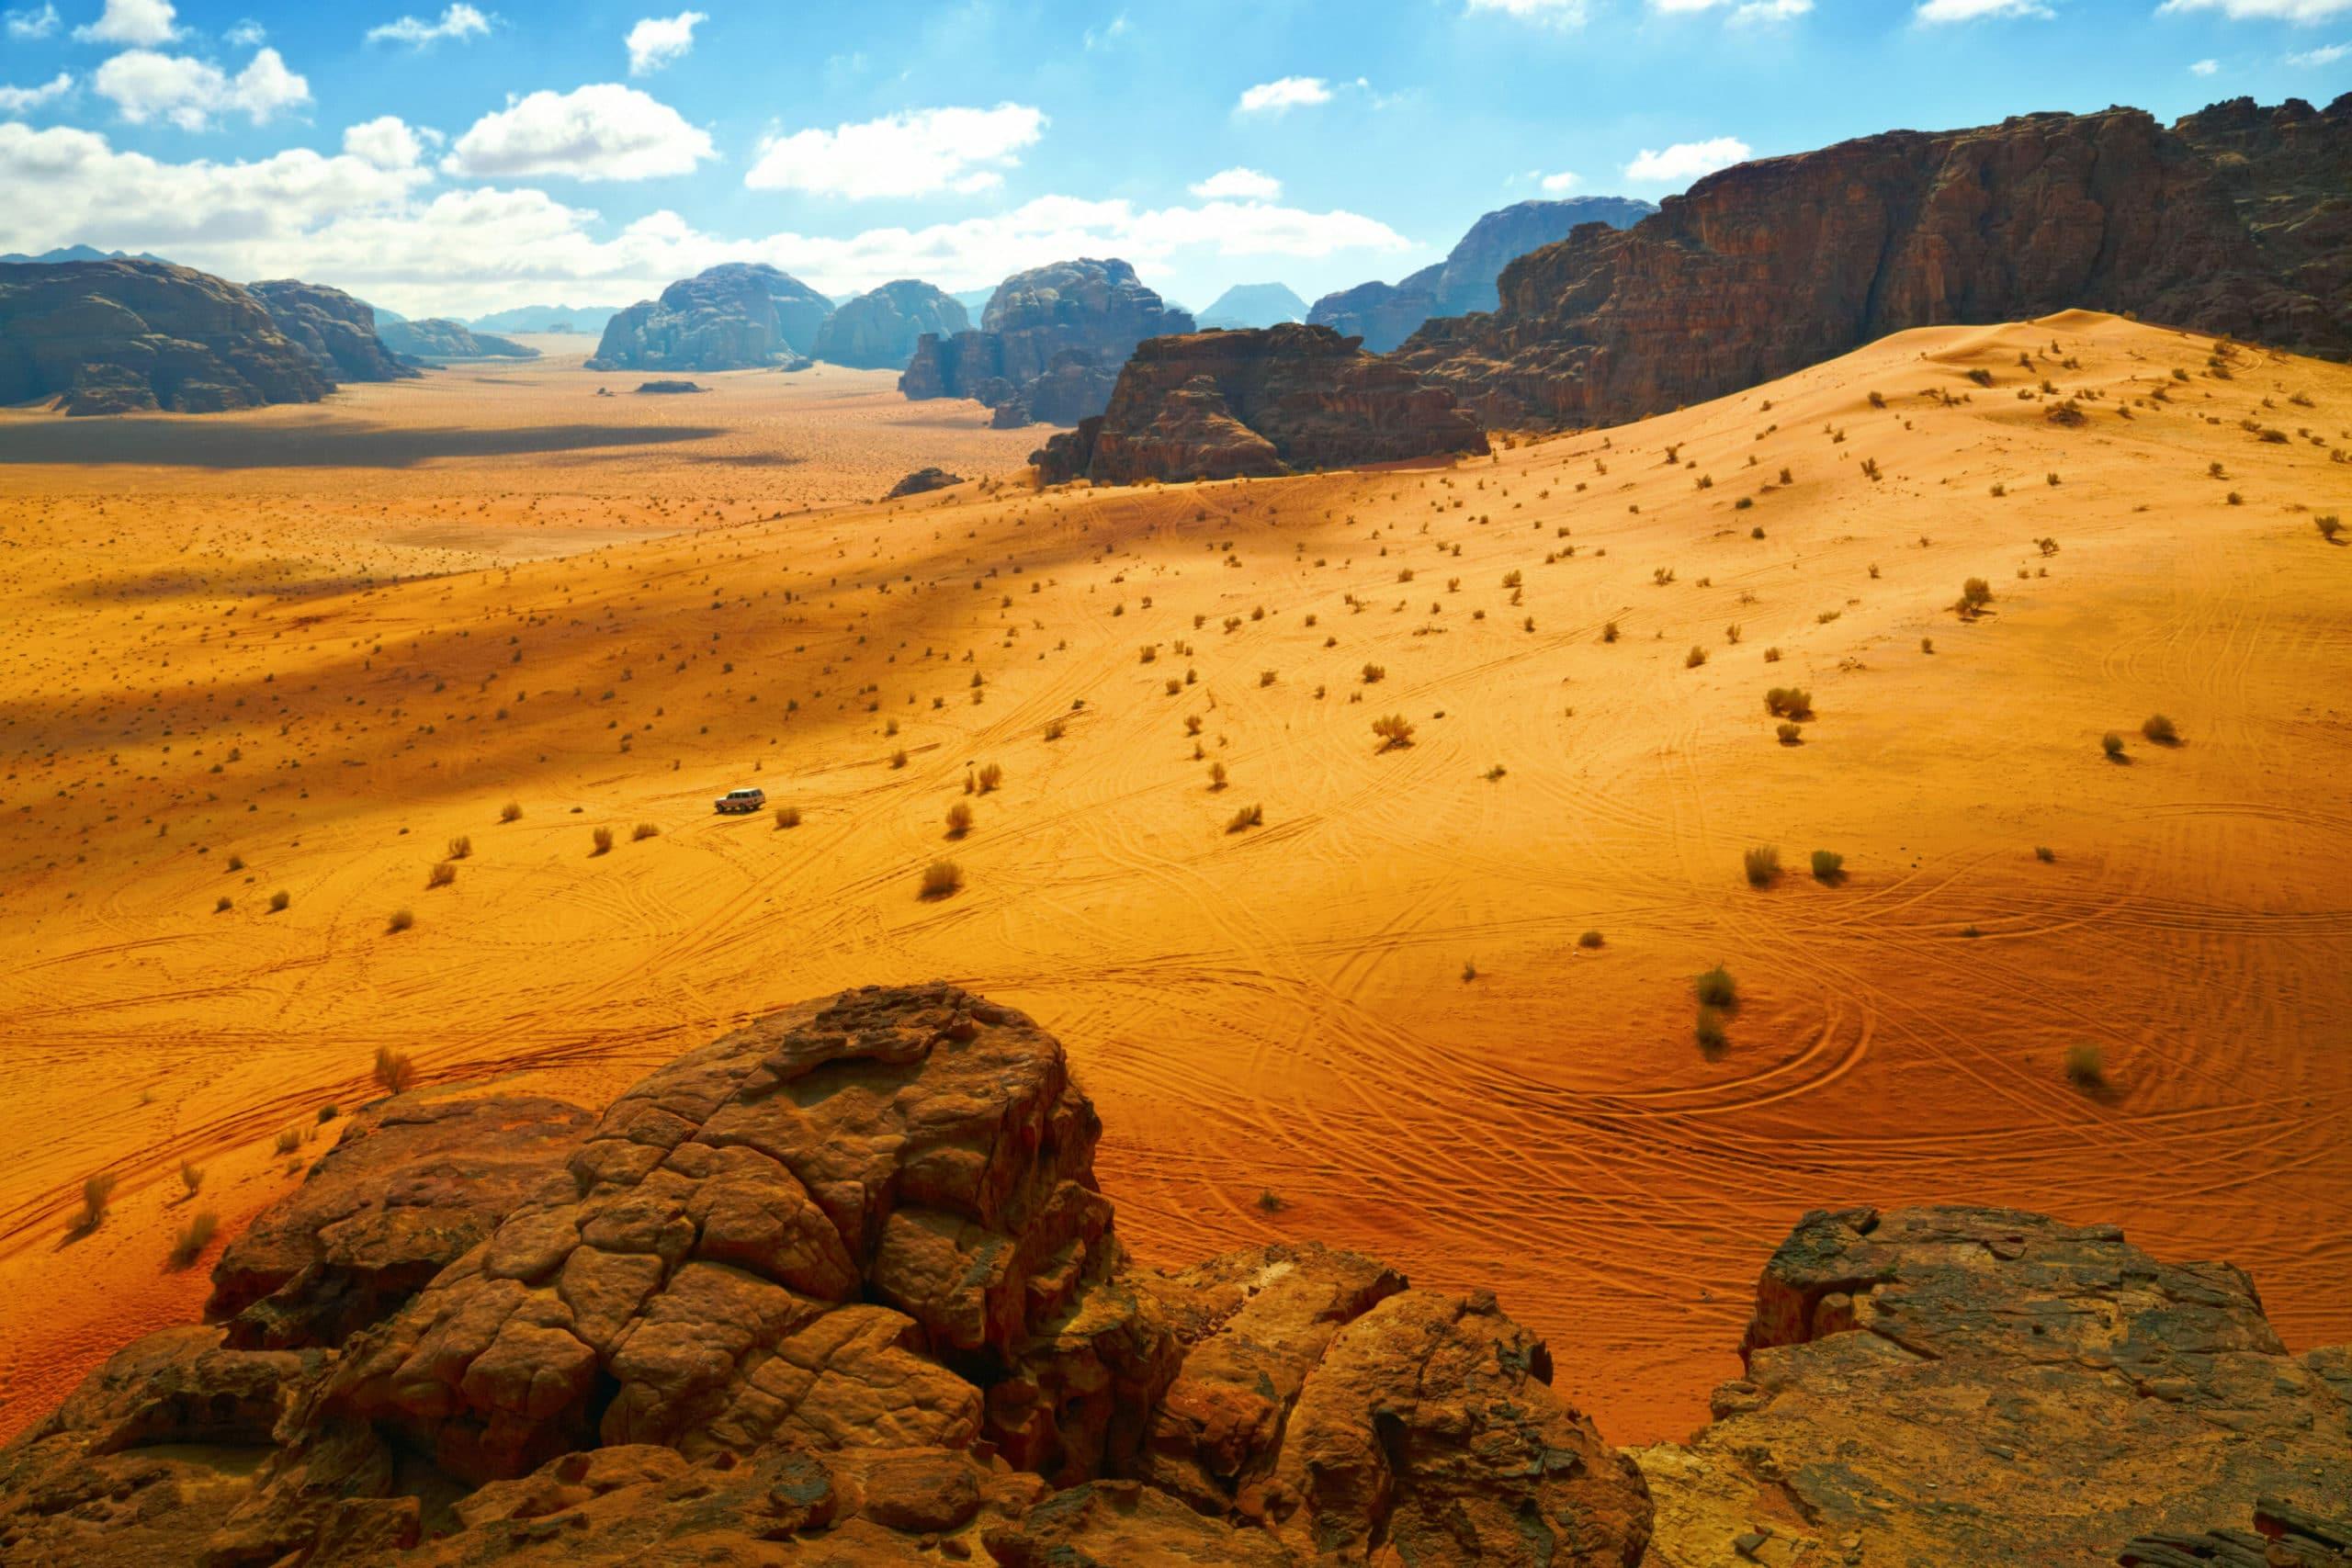 Classic Jordan Tour - Wadi Rum